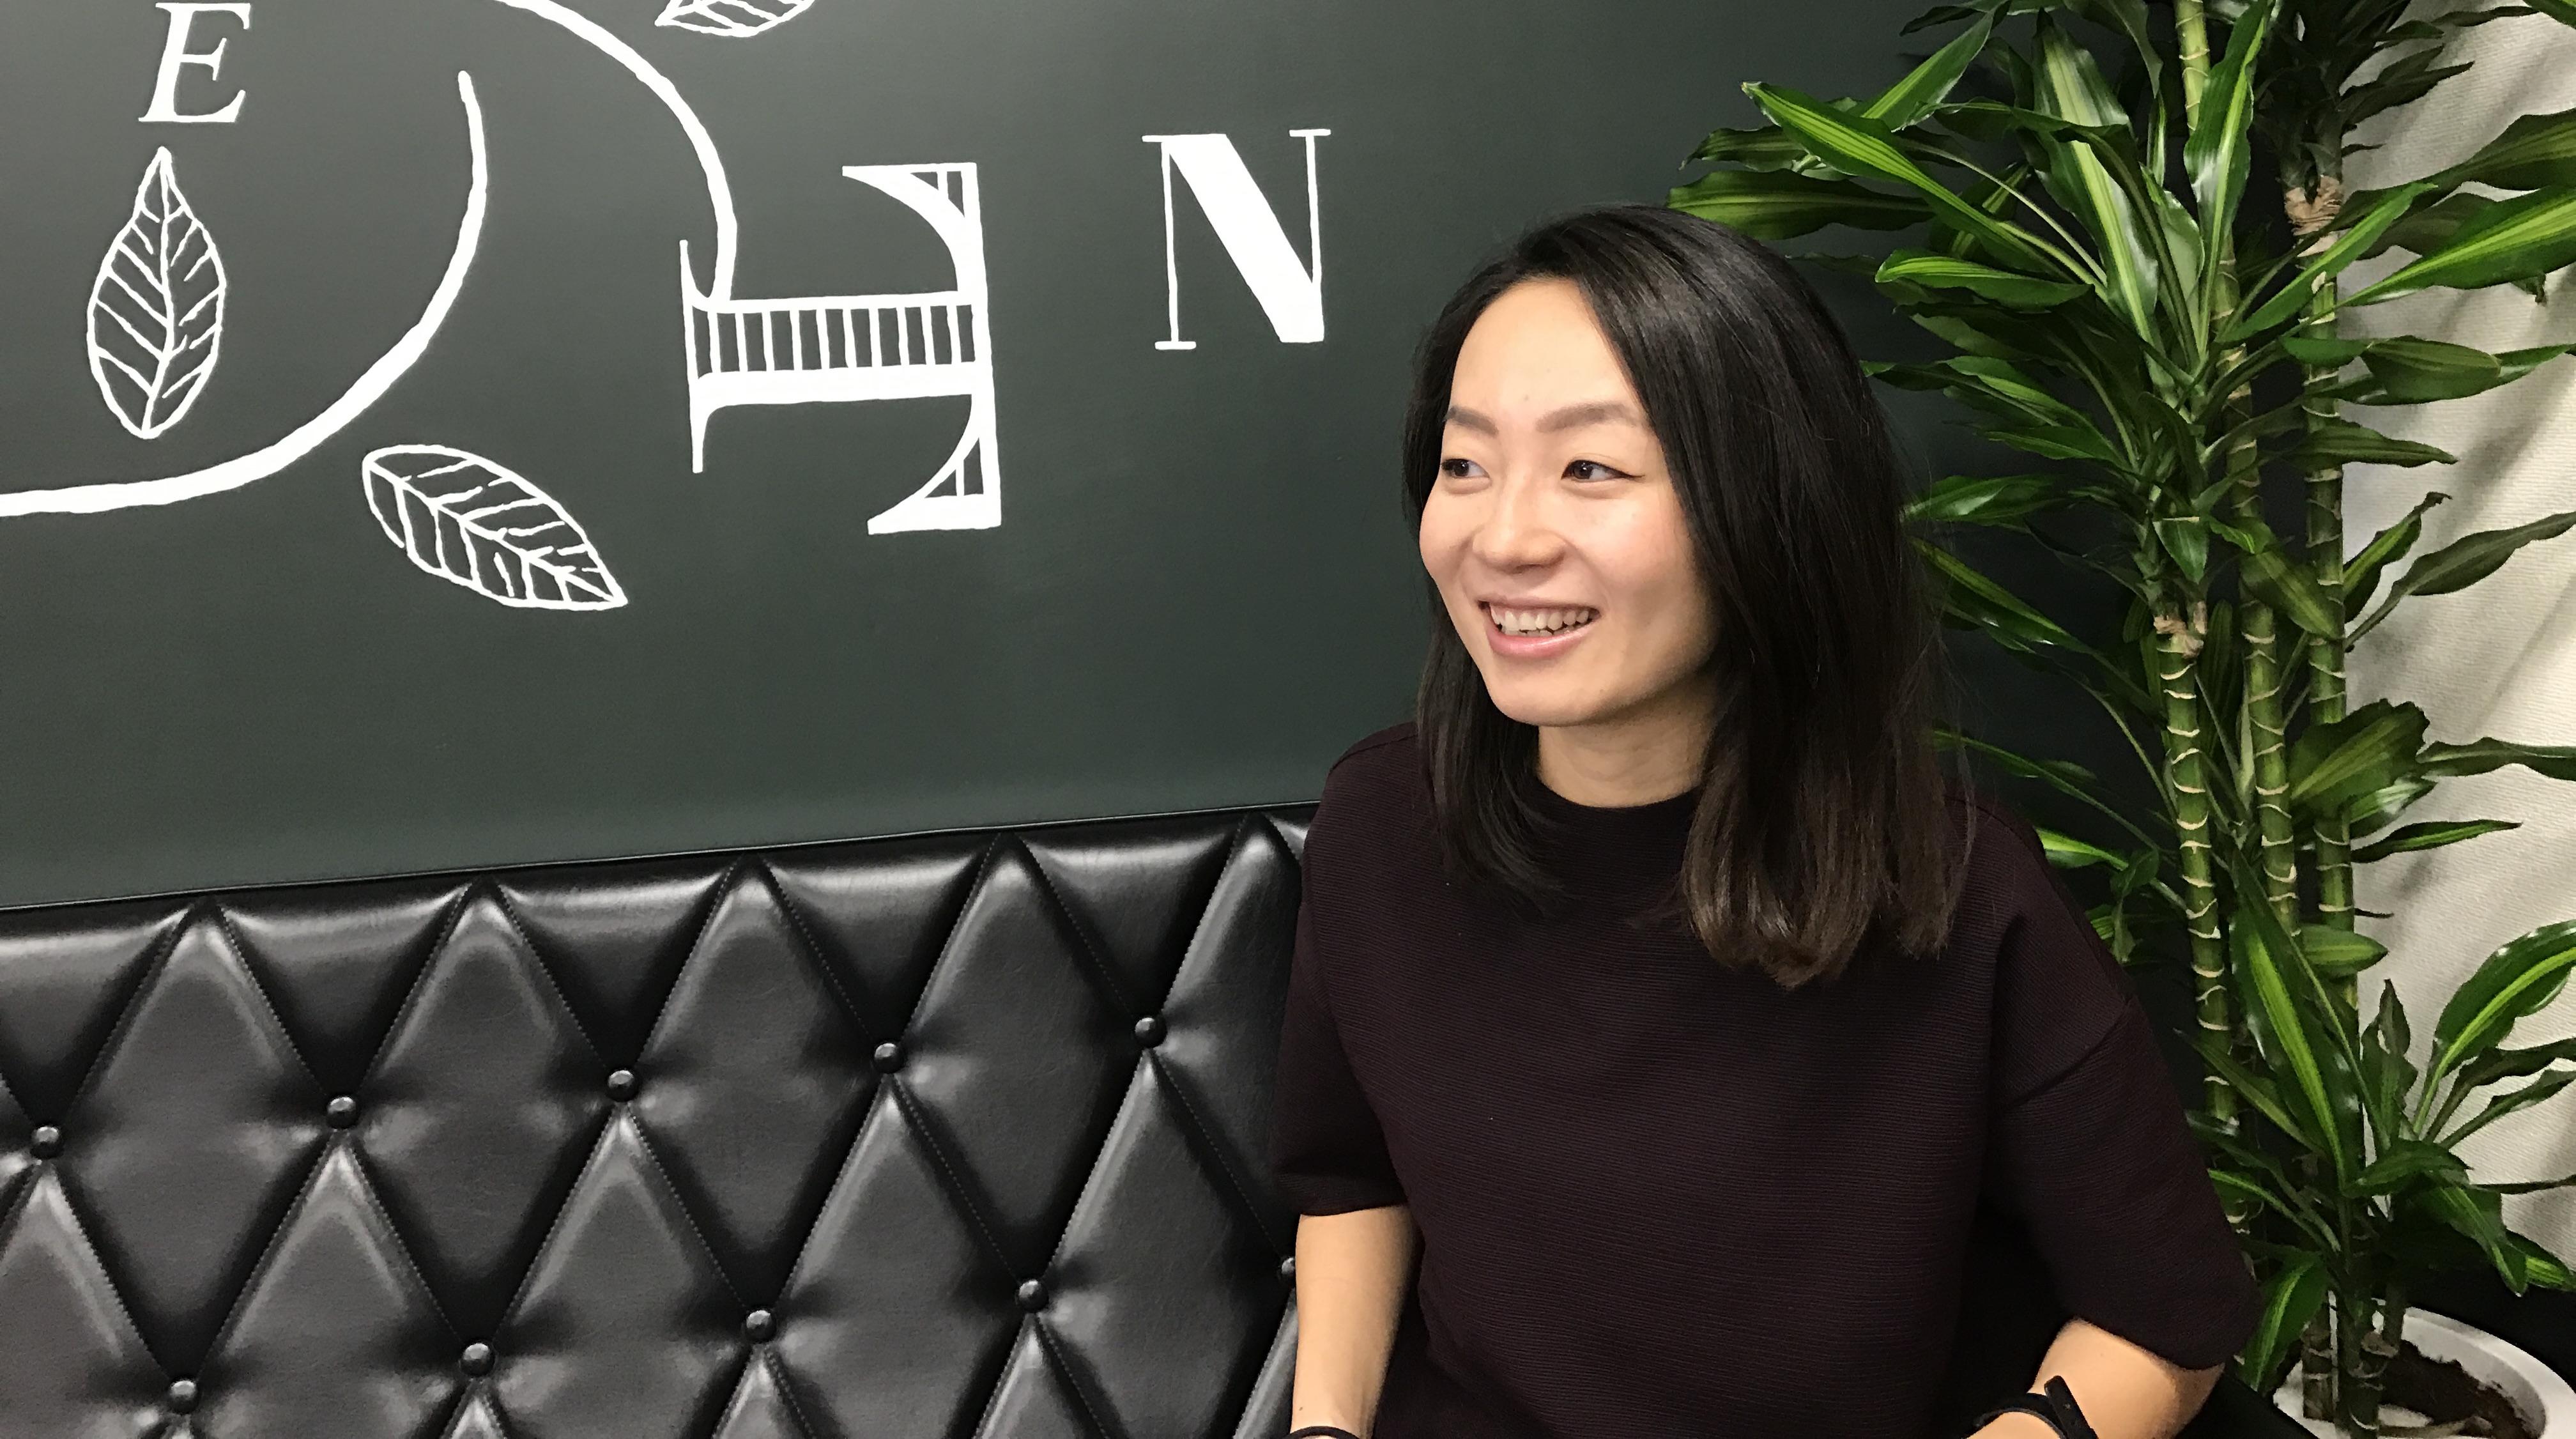 イベントイベントご活用事例 コムエクスポジアム・ジャパン株式会社 満木様